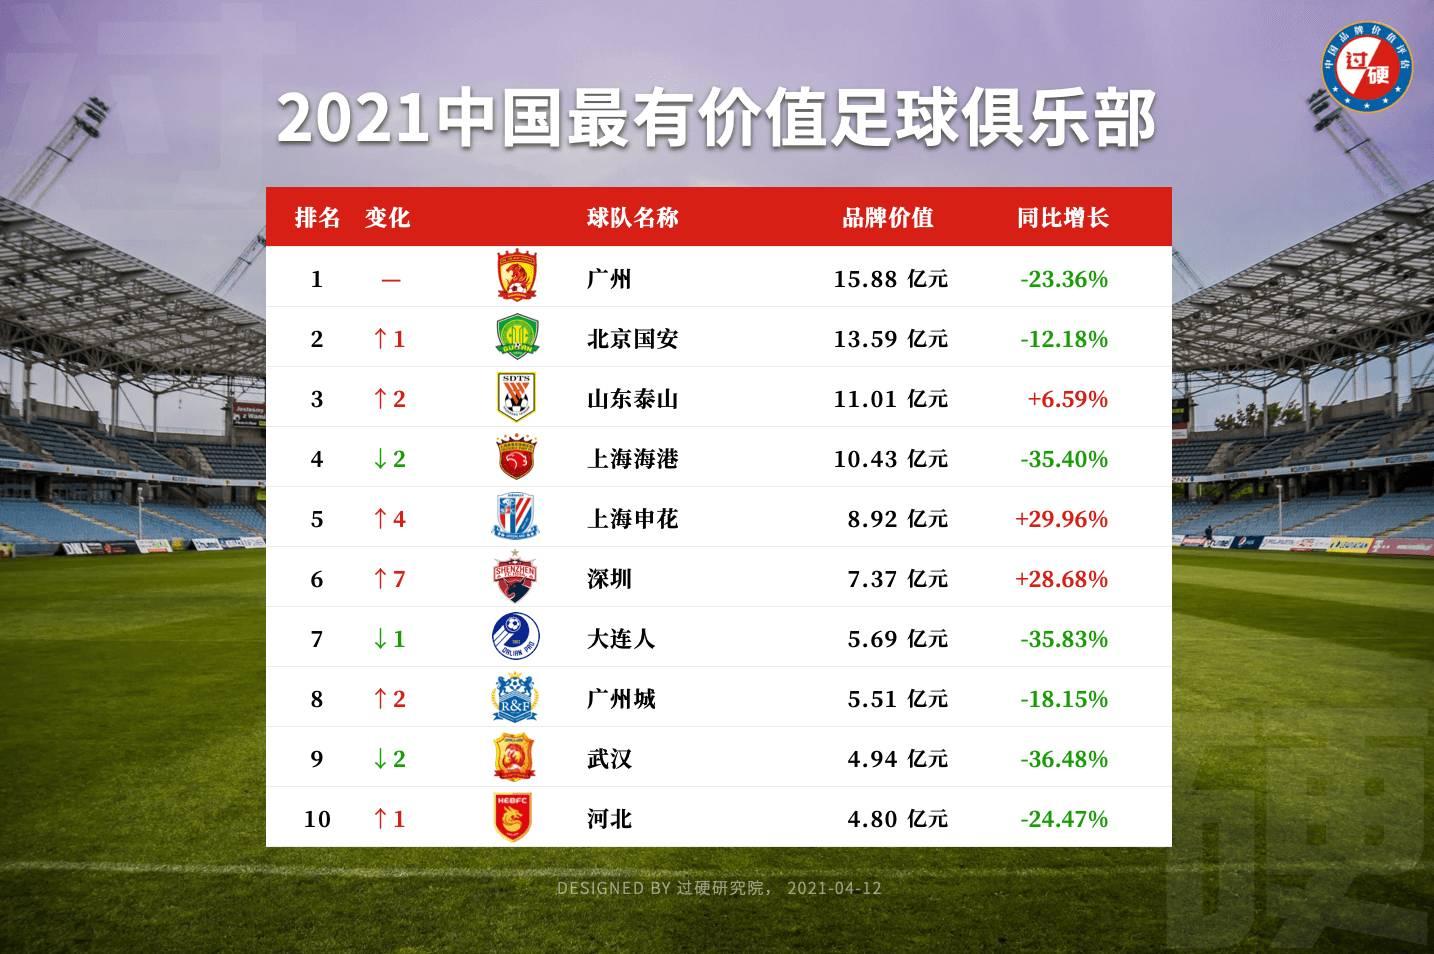 中国十大最有价值足球俱乐部排名更新 广州北京山东包揽前三